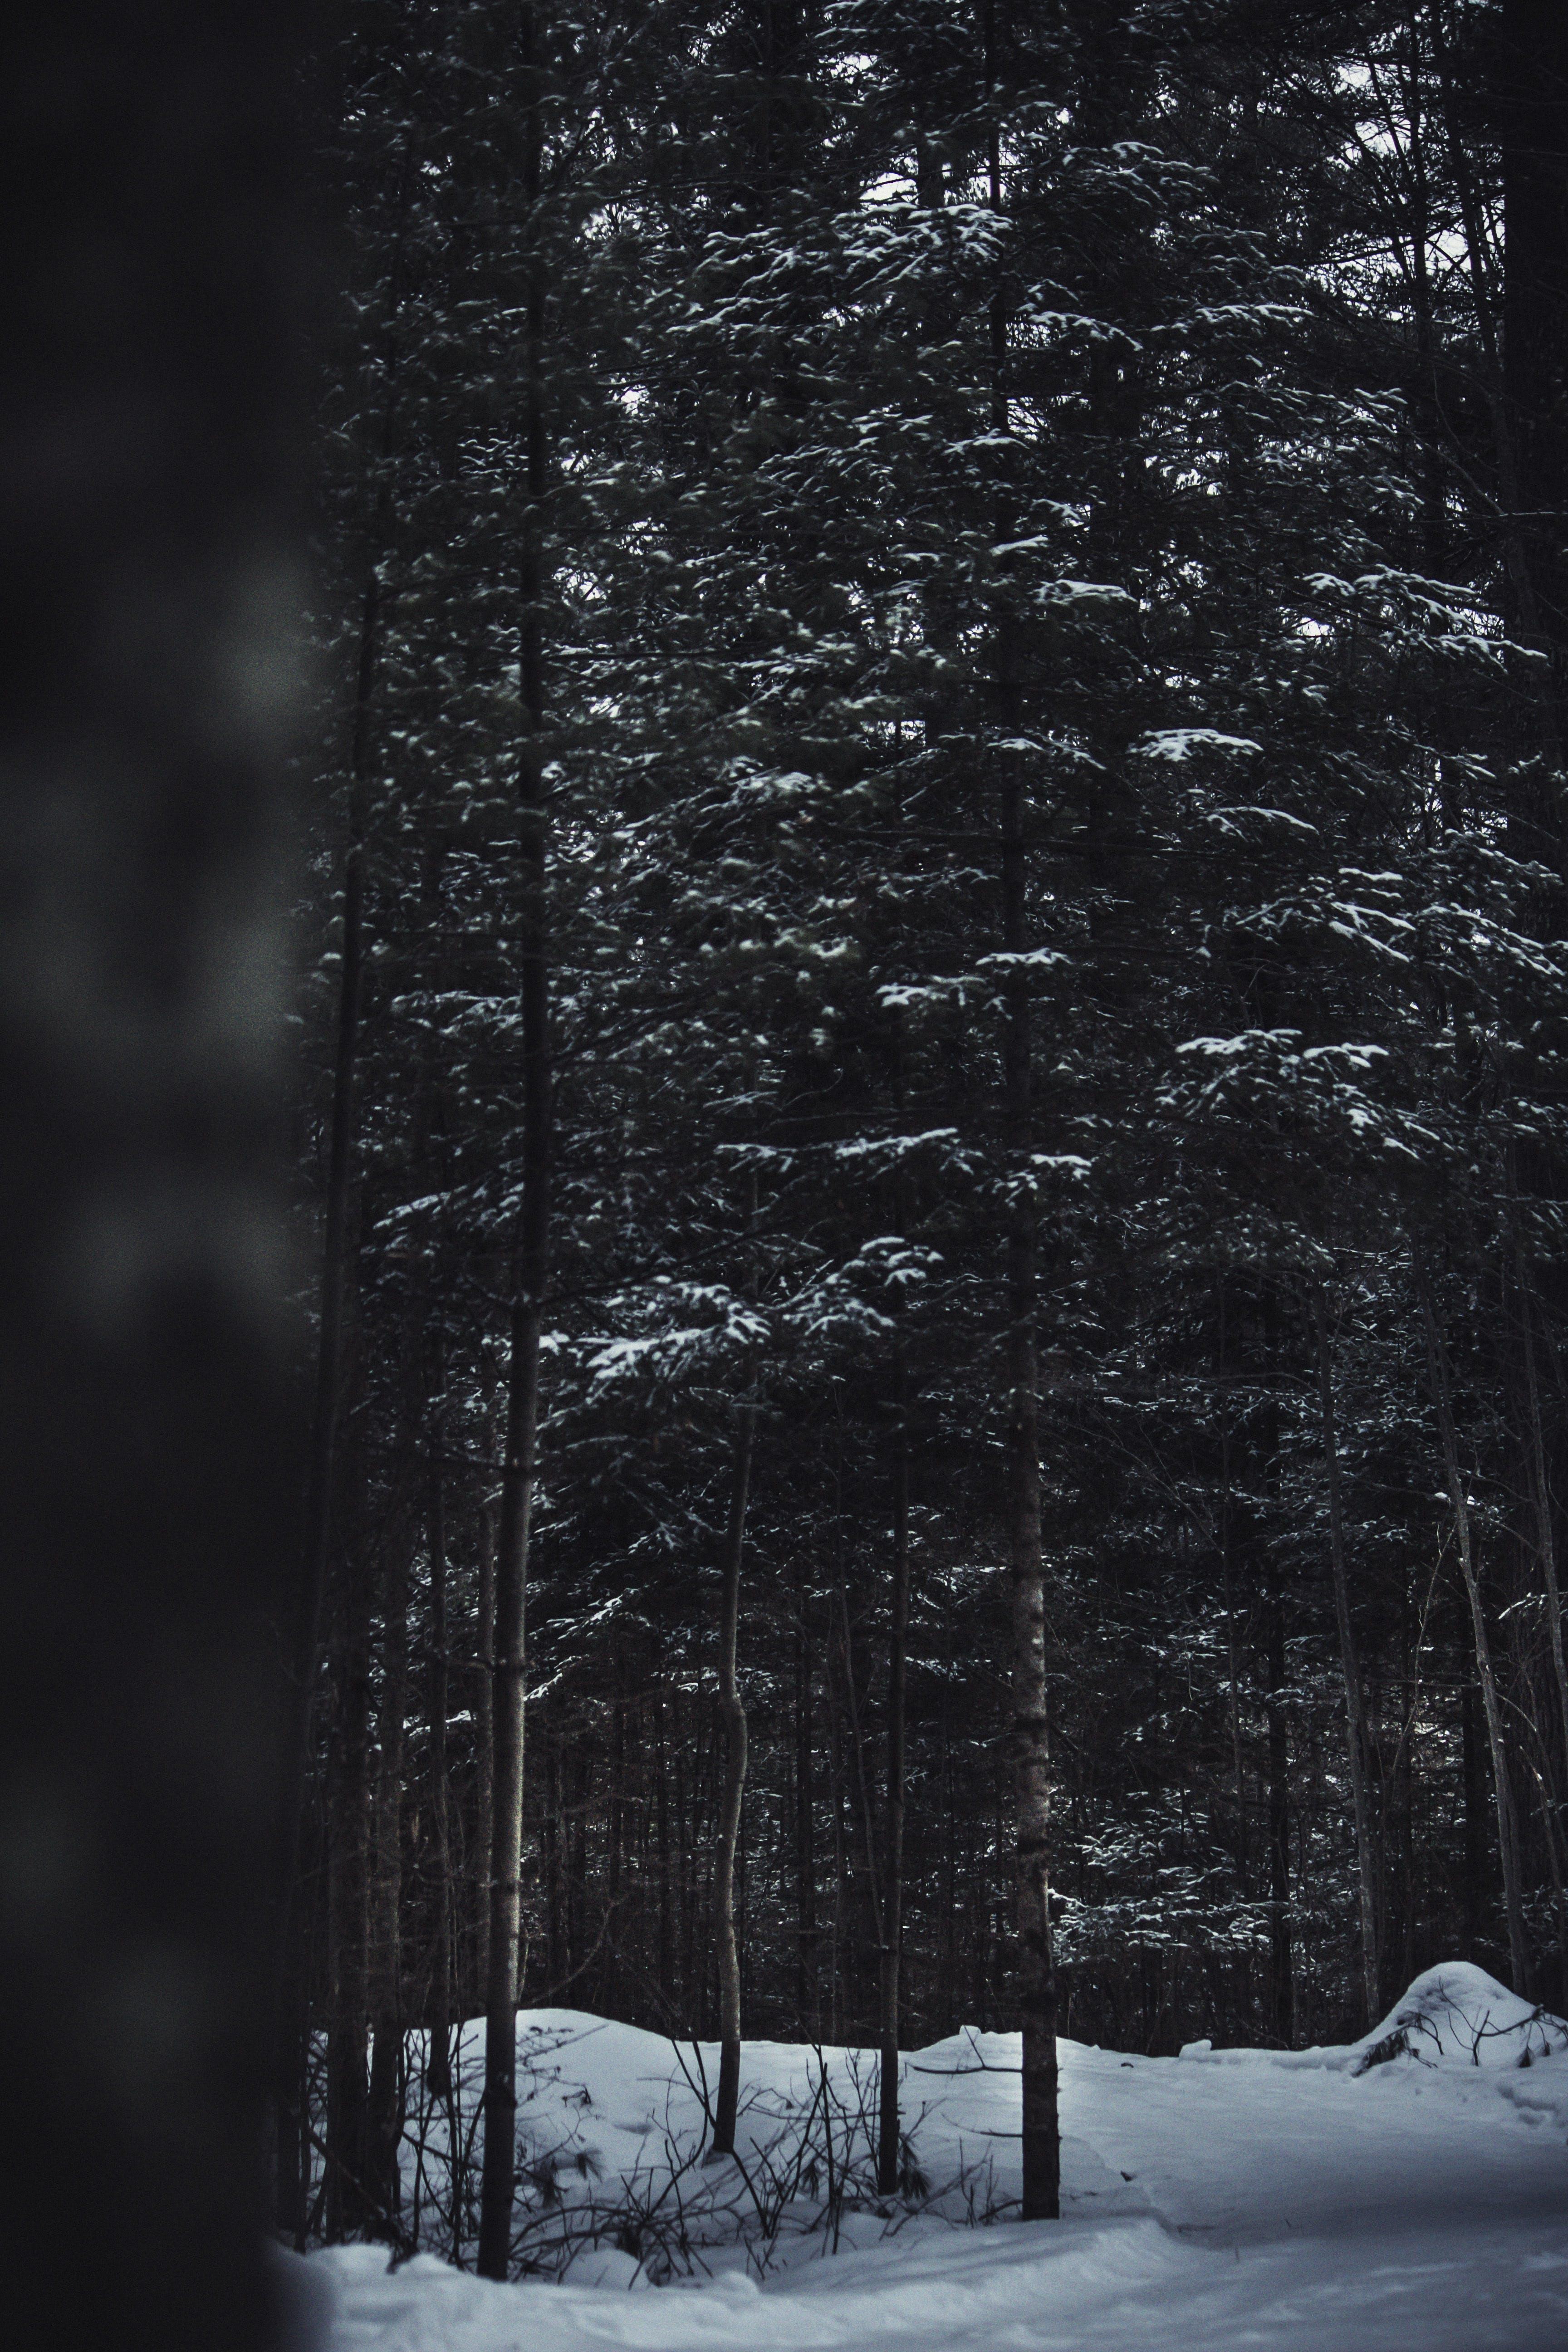 冬季, 冷, 天性, 季節 的 免費圖庫相片